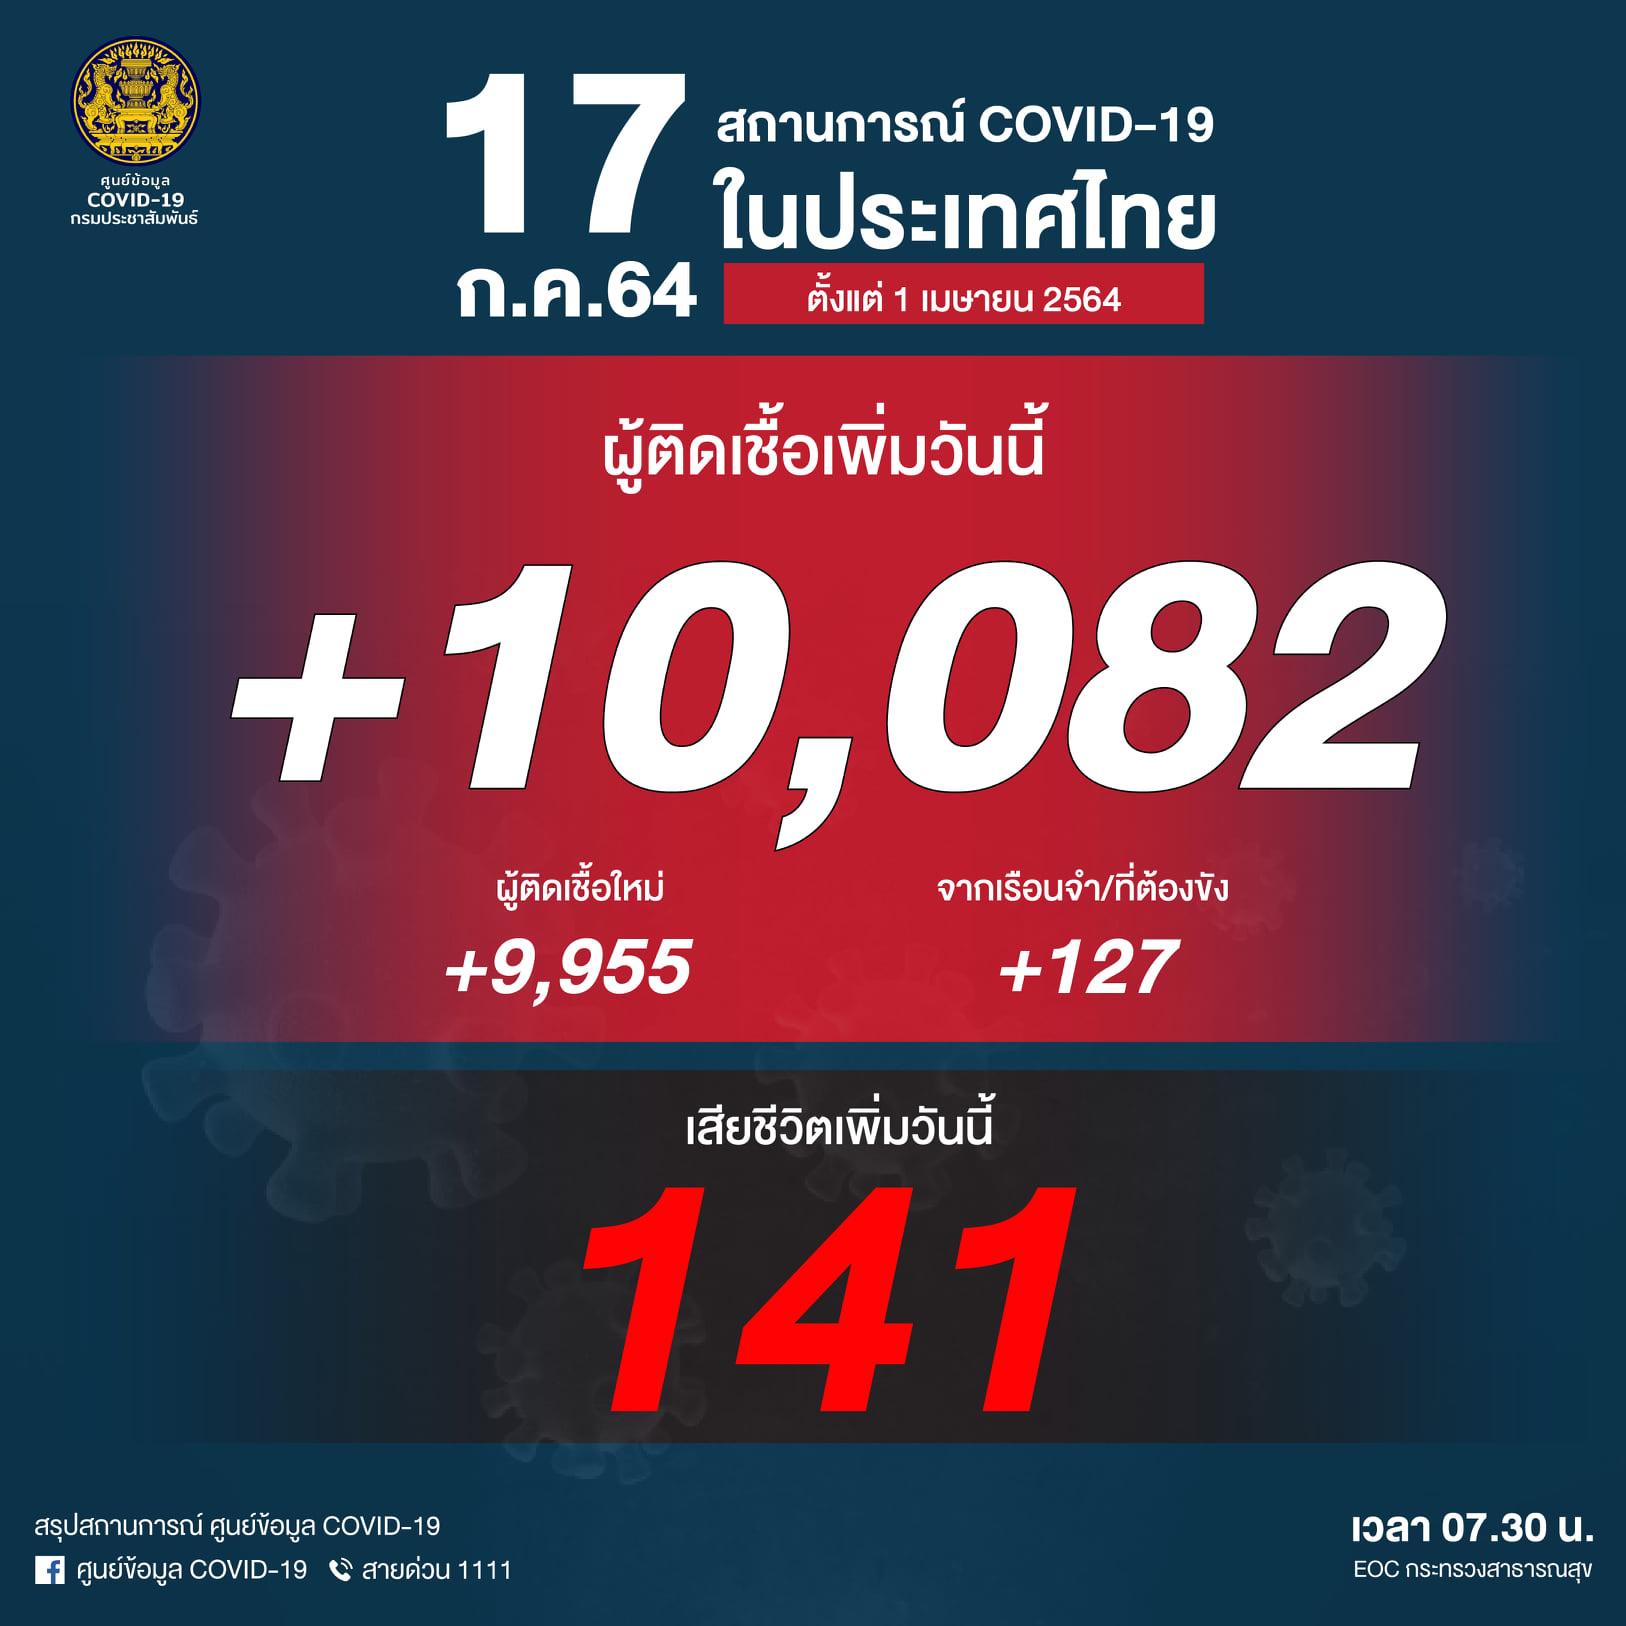 タイ 1日の陽性者数が1万超え、死亡は141人[2021/7/17]